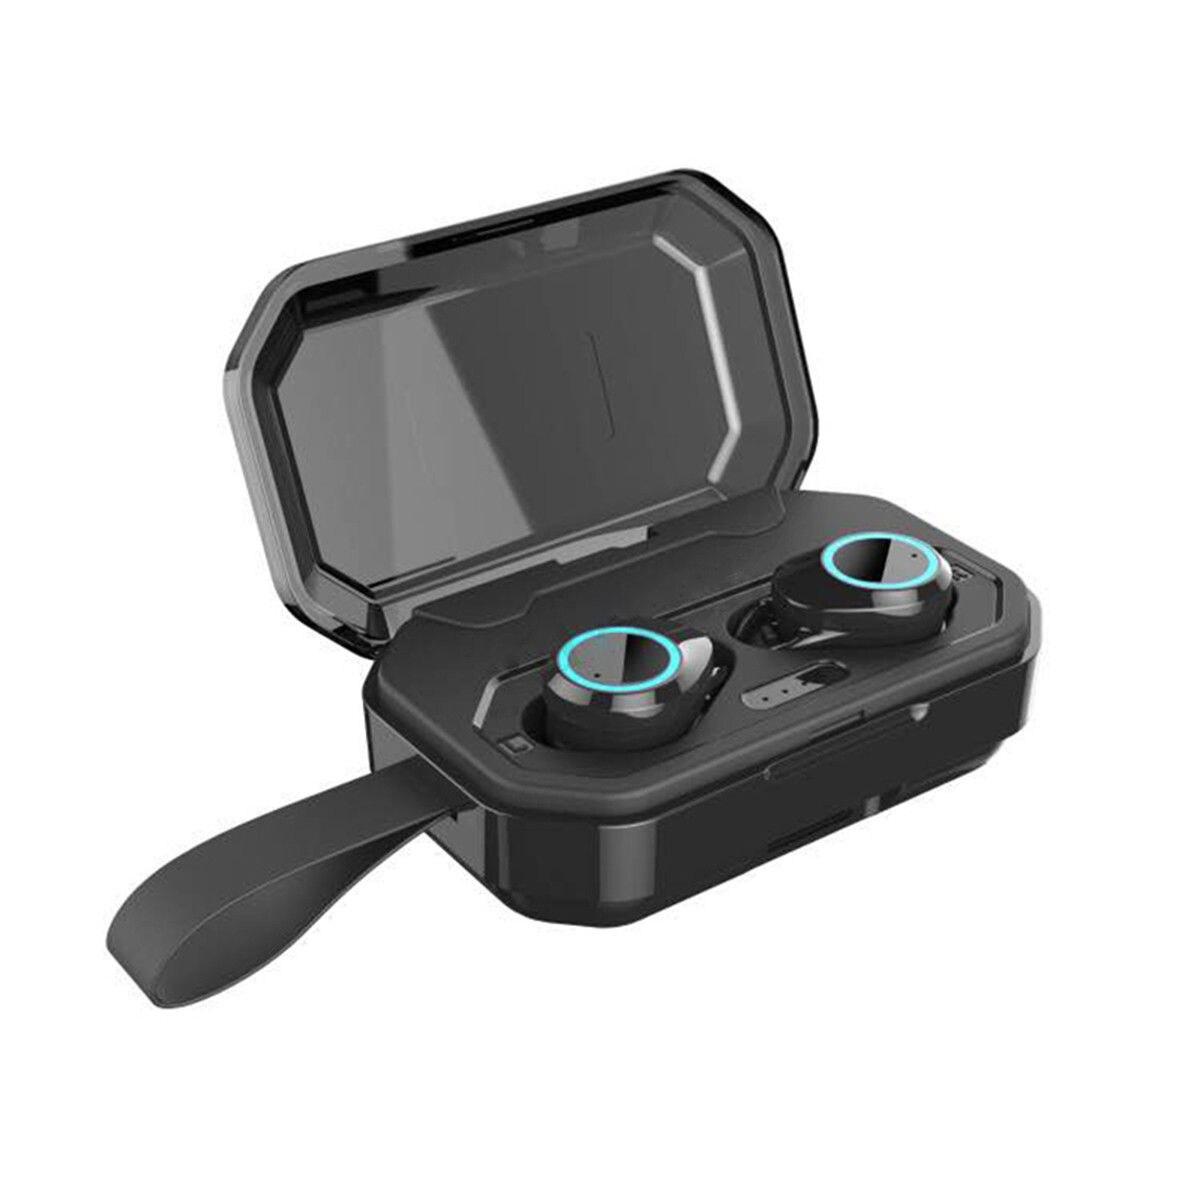 Tws Bluetooth 5.0 oreille téléphone contrôle Tactile Ipx6 étanche stéréo